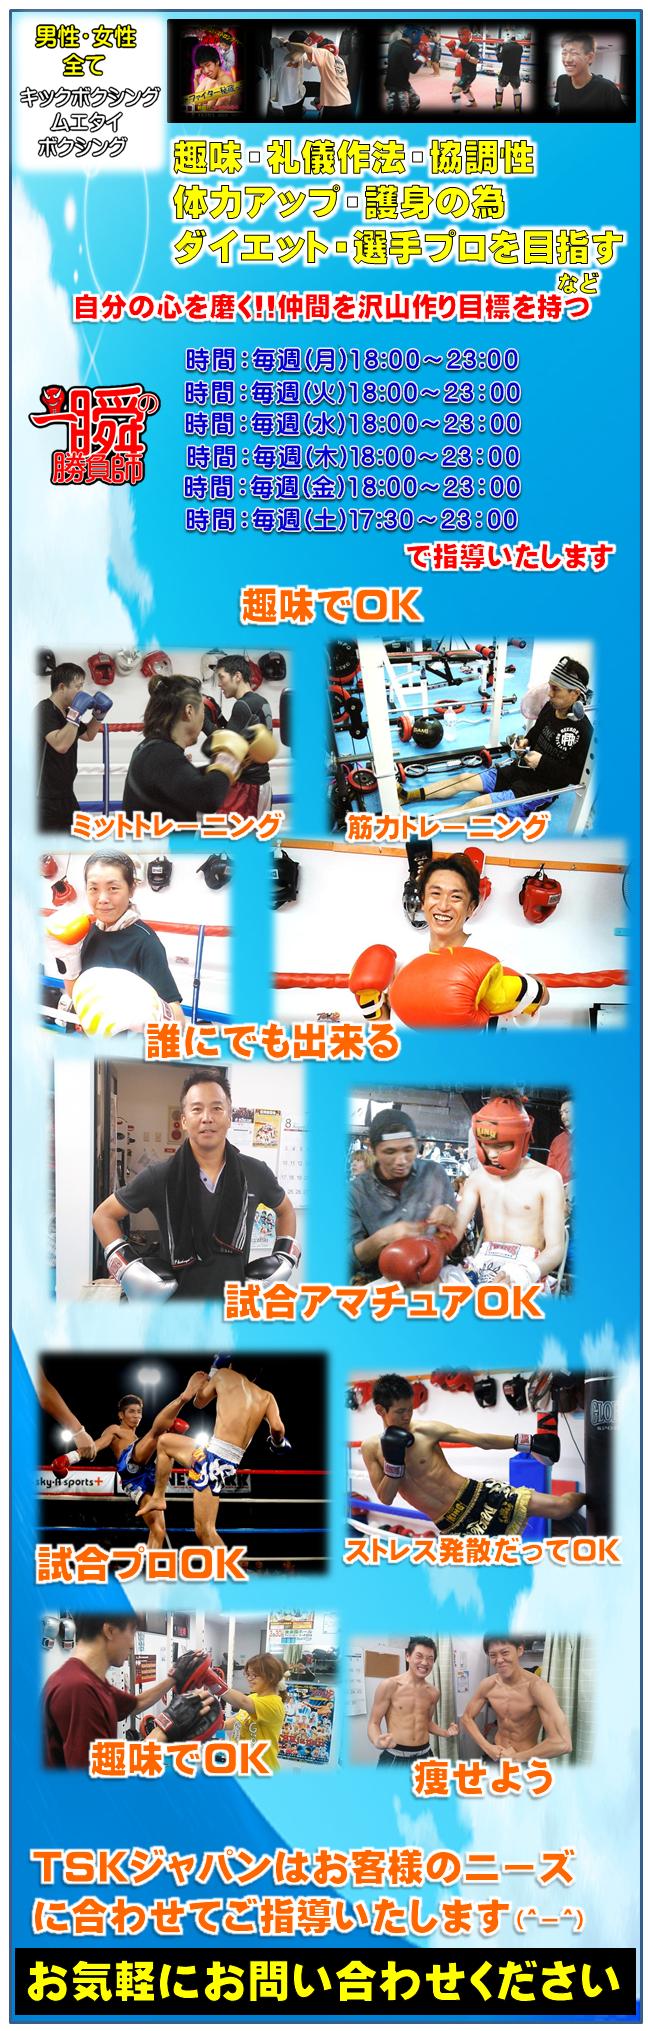 横浜キックボクシングジム TSKjapan フル会員キック